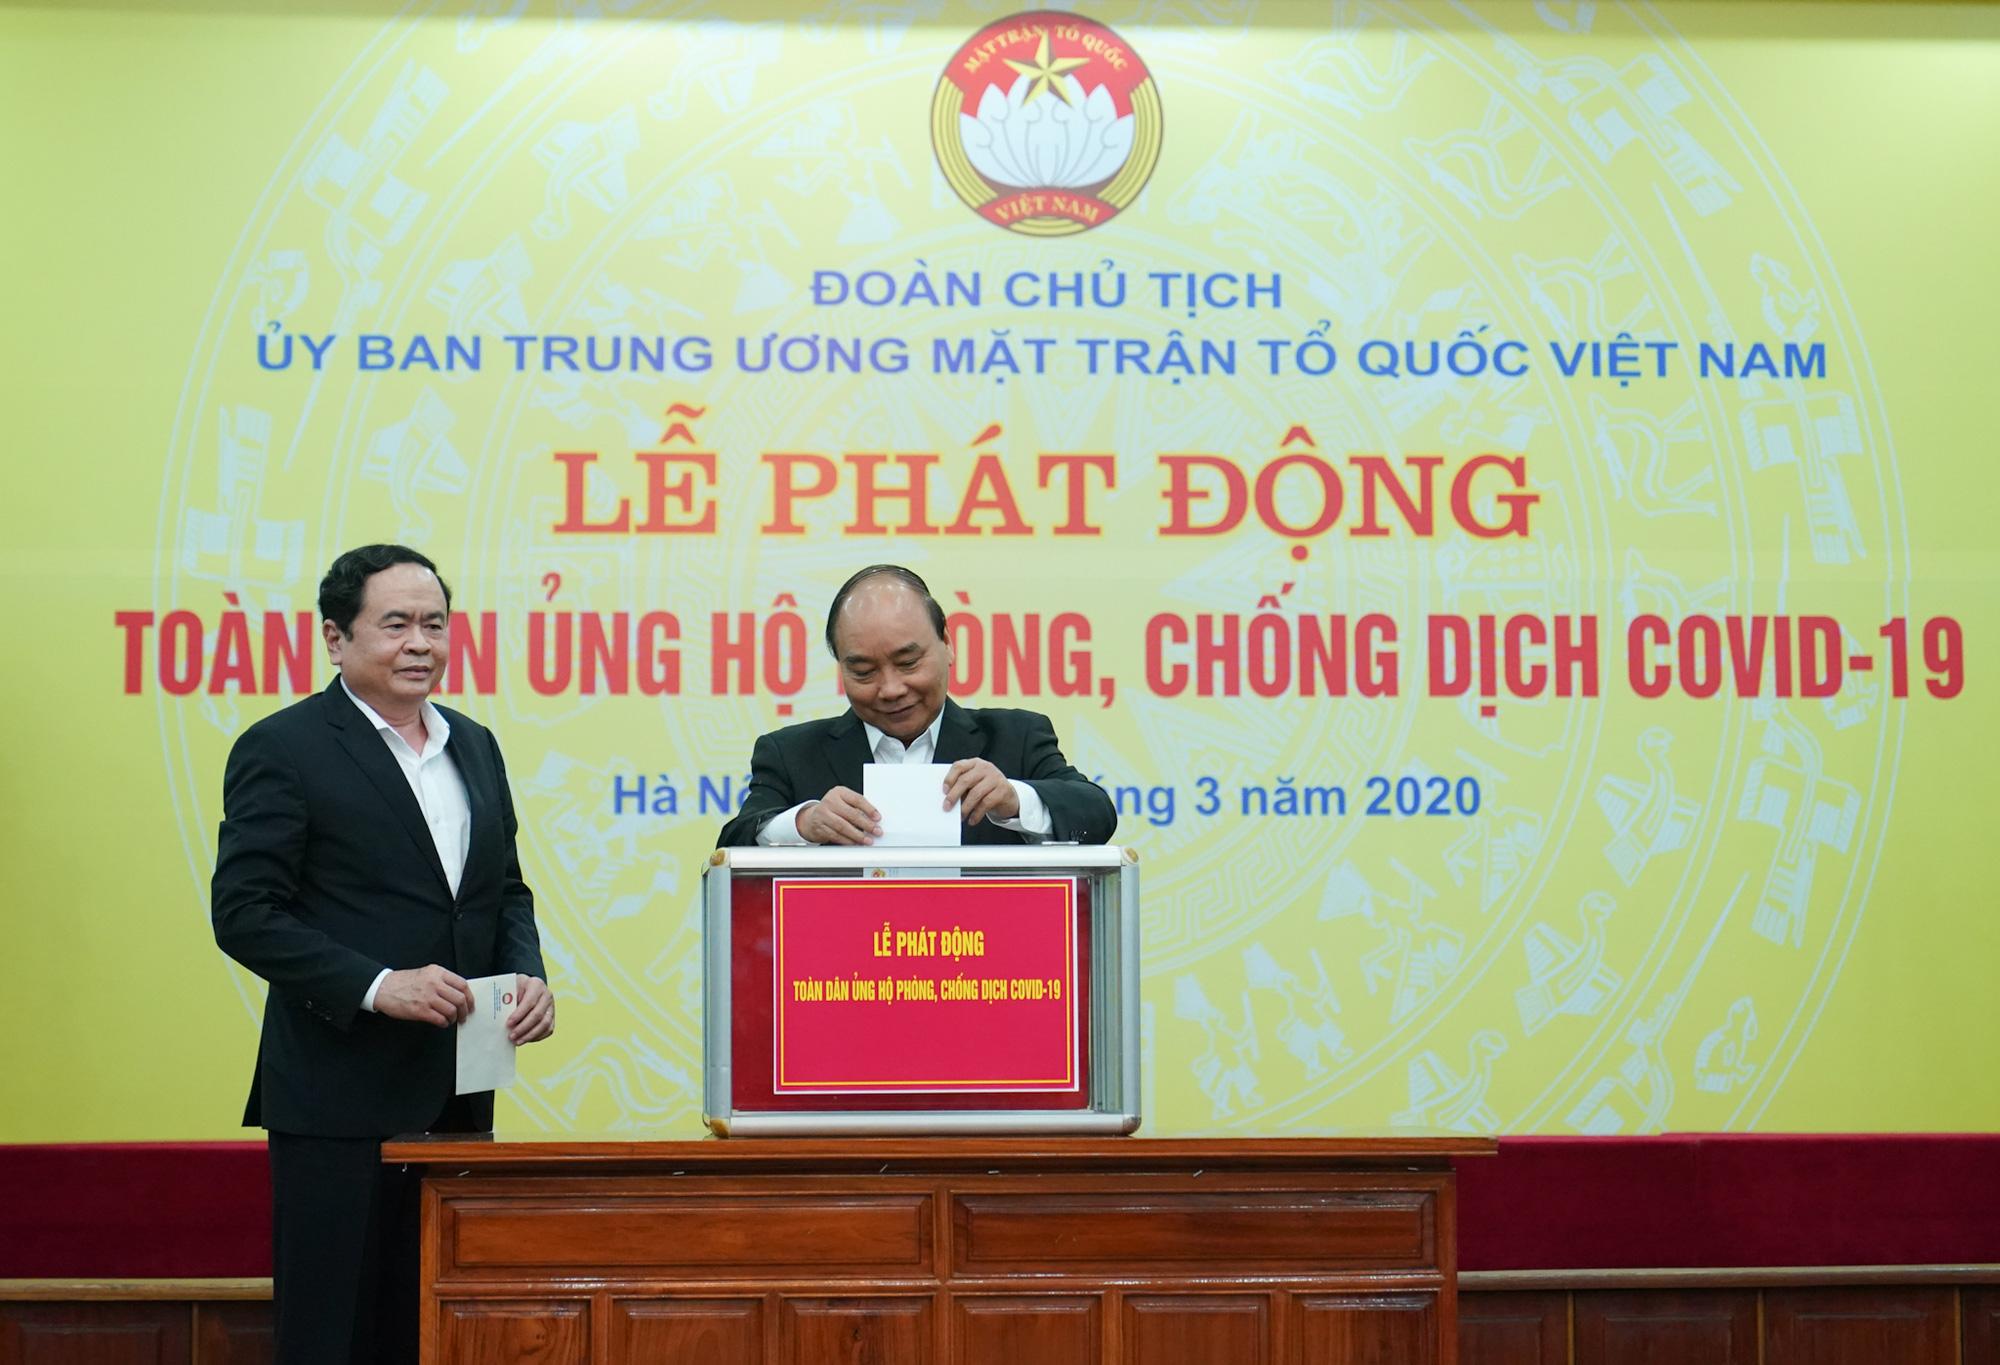 Thủ tướng kêu gọi toàn dân góp sức, tùy khả năng ủng hộ, đóng góp phòng, chống đại dịch Covid-19 - Ảnh 2.